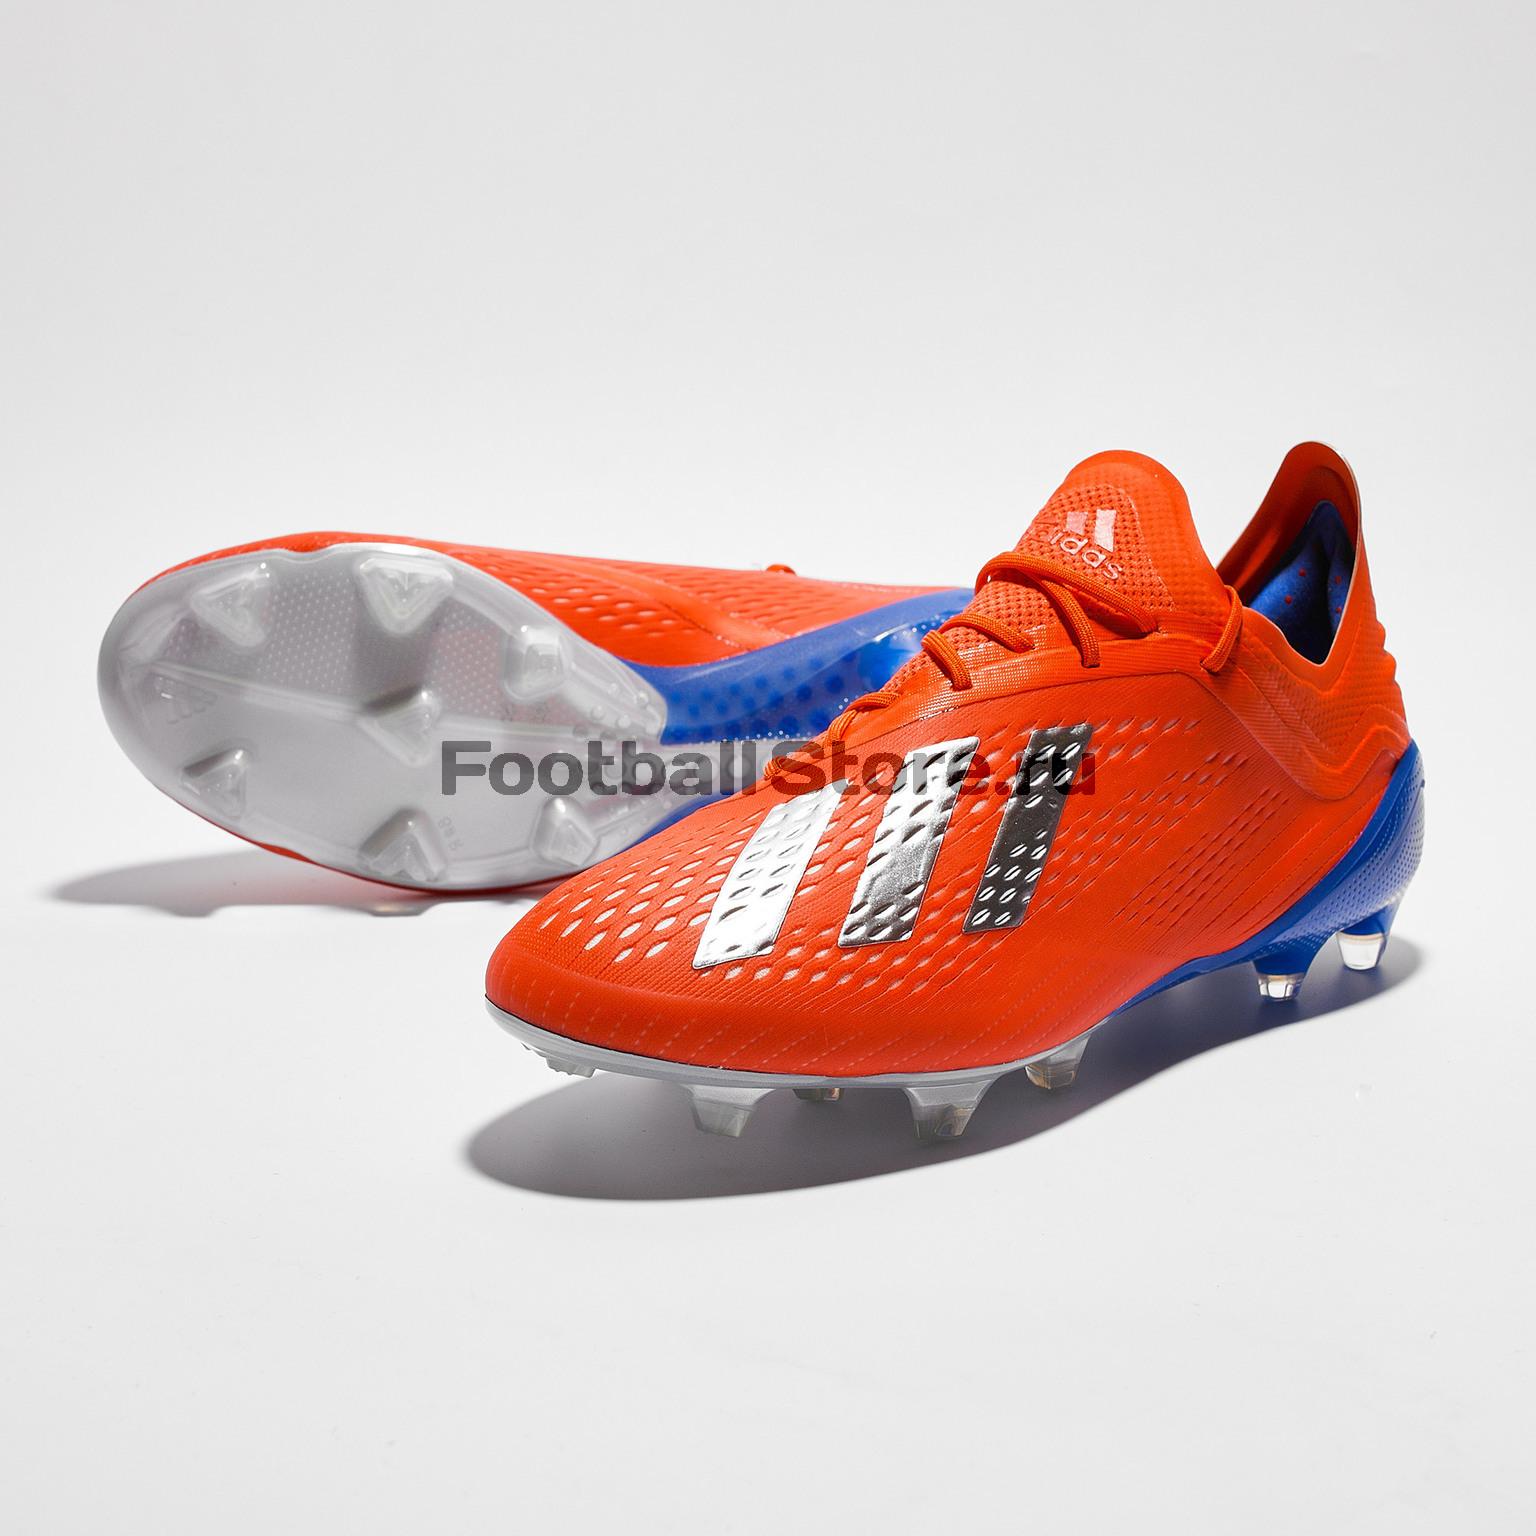 Бутсы Adidas X 18.1 FG BB9347 бутсы adidas x 17 1 fg bb6353